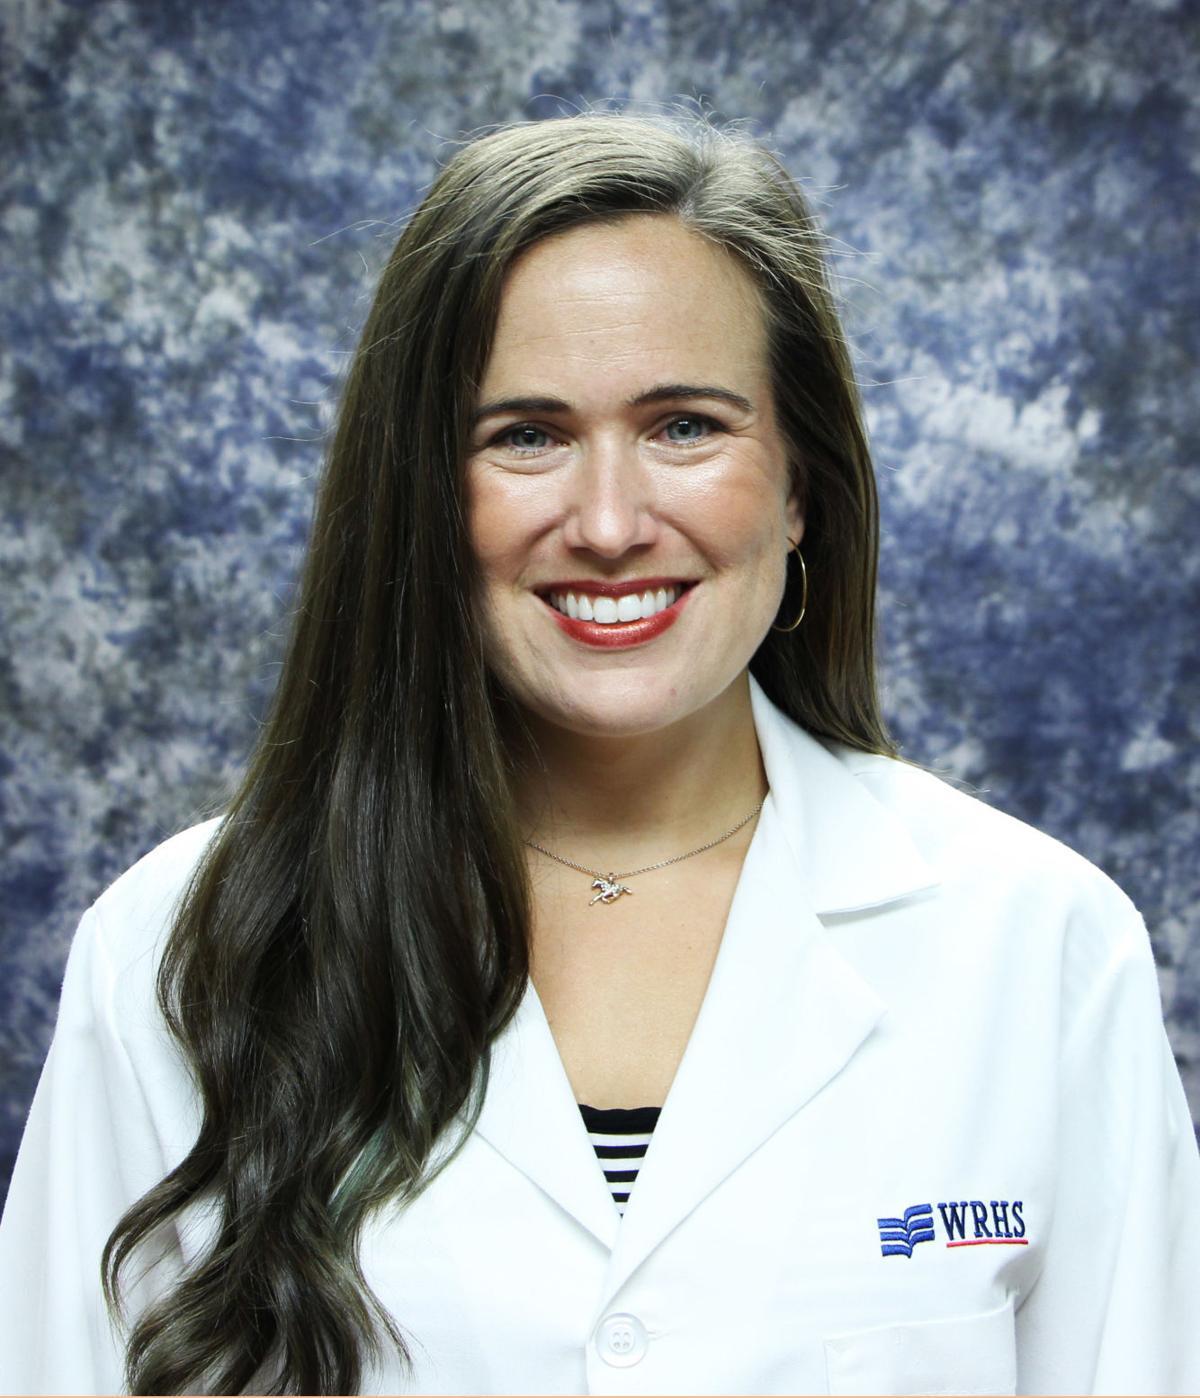 Dr. Amanda Johnson